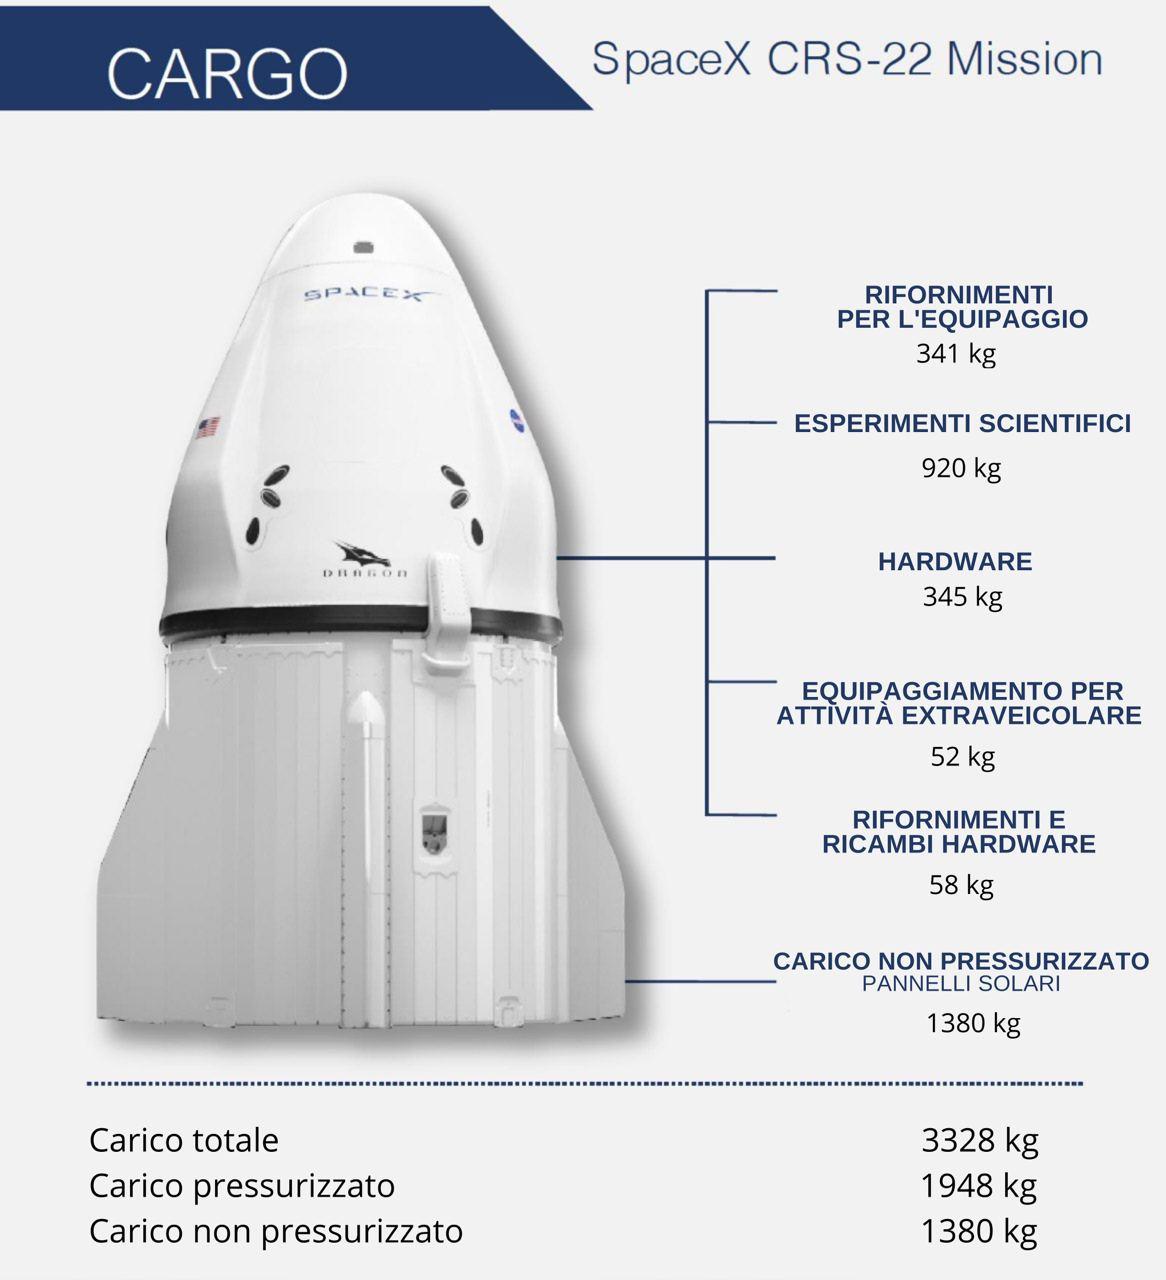 Divisione dello spazio all'interno della Dragon della missione CRS-22. Credits: SpaceX. Traduzione: Astrospace.it